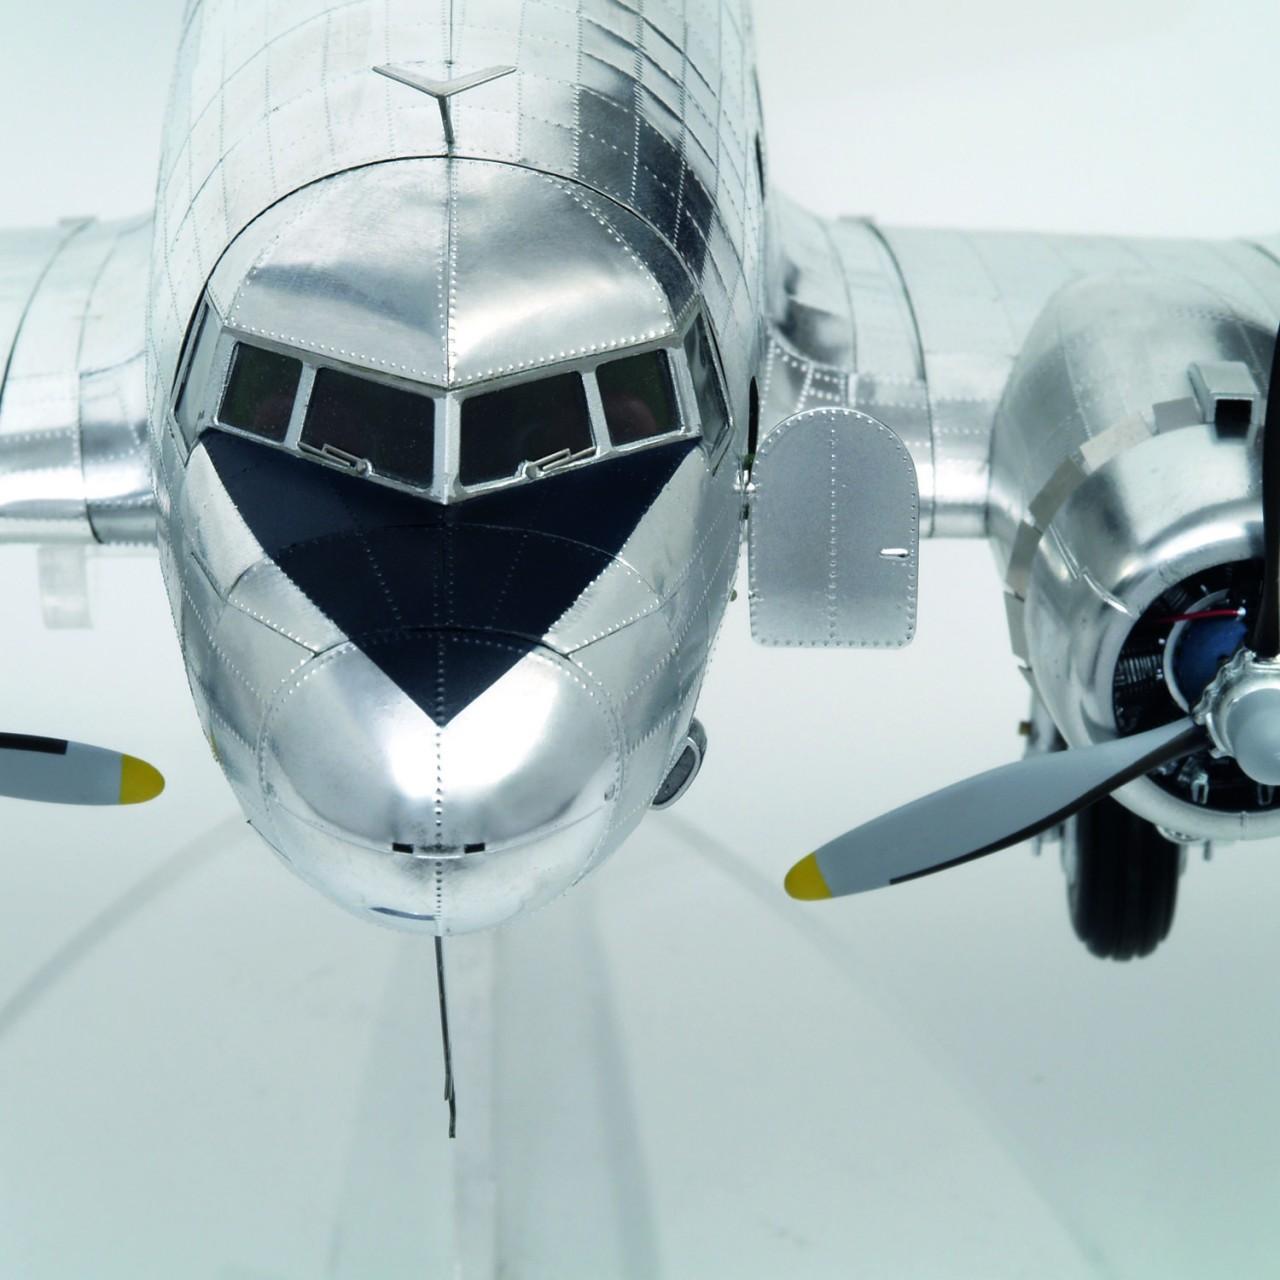 Vitesse de datation sur un avion horribles expériences de rencontres en ligne